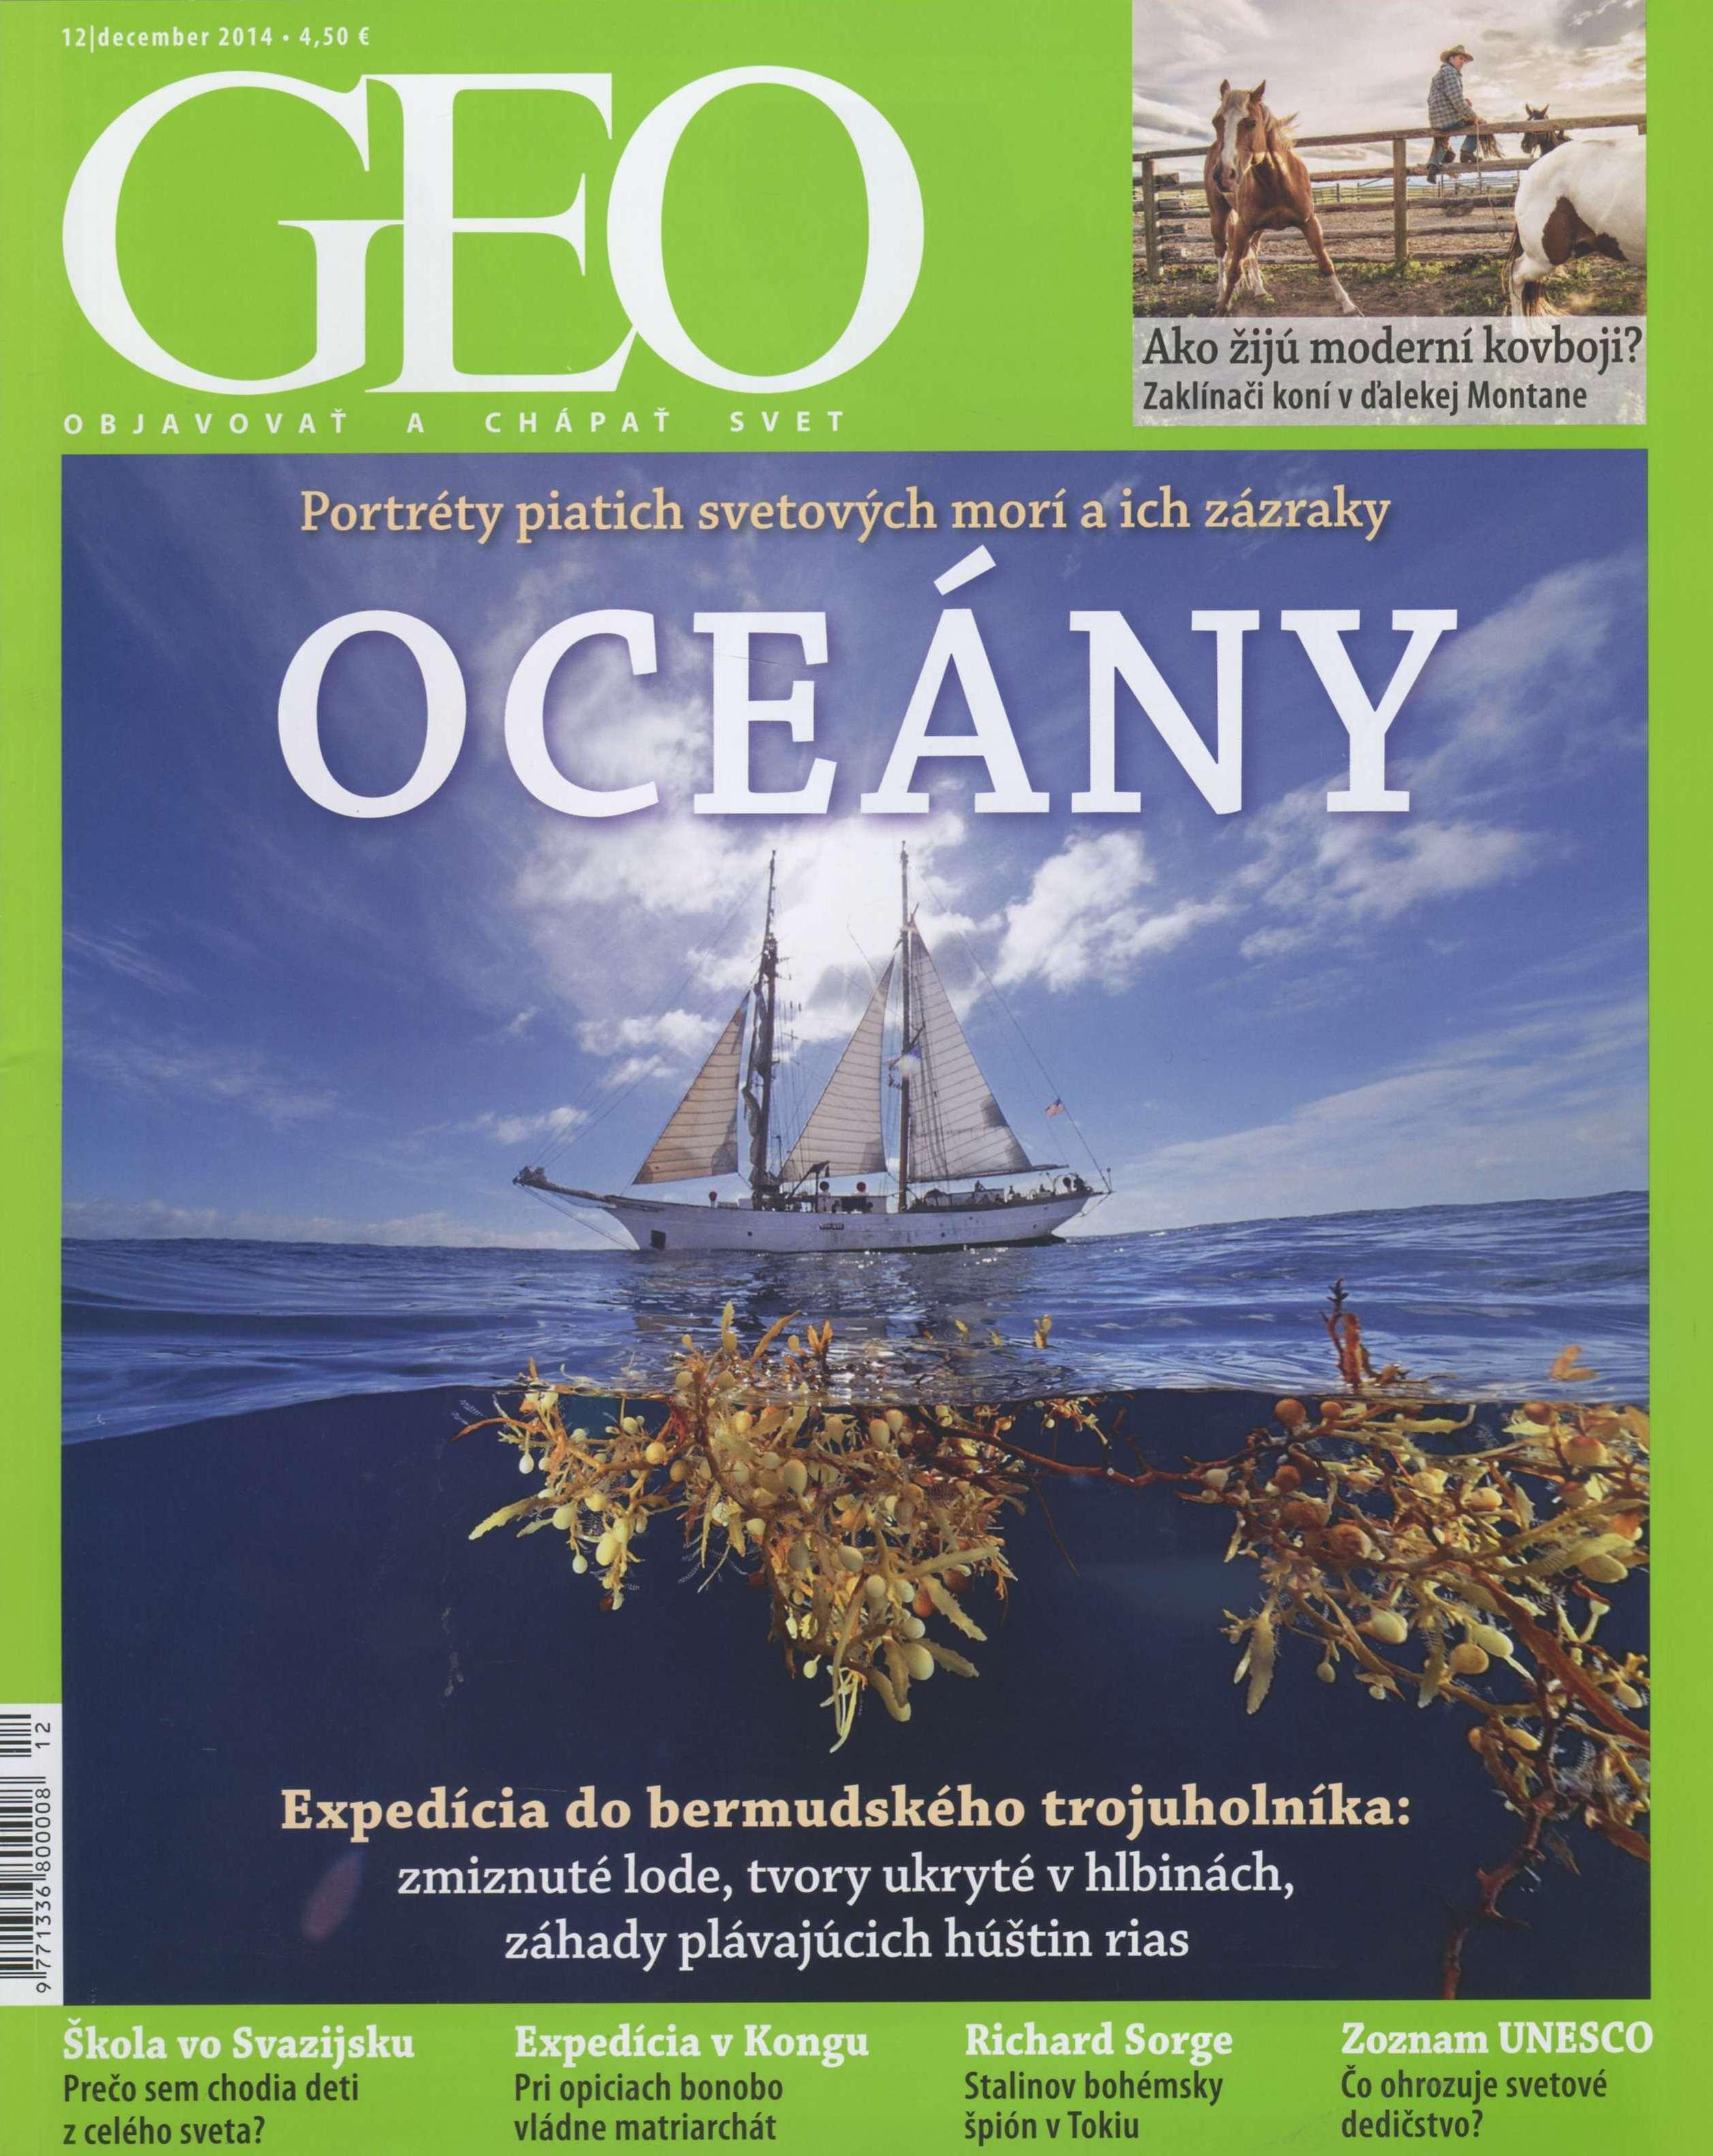 Geo 12/2014 - Objavovať a chápať svet